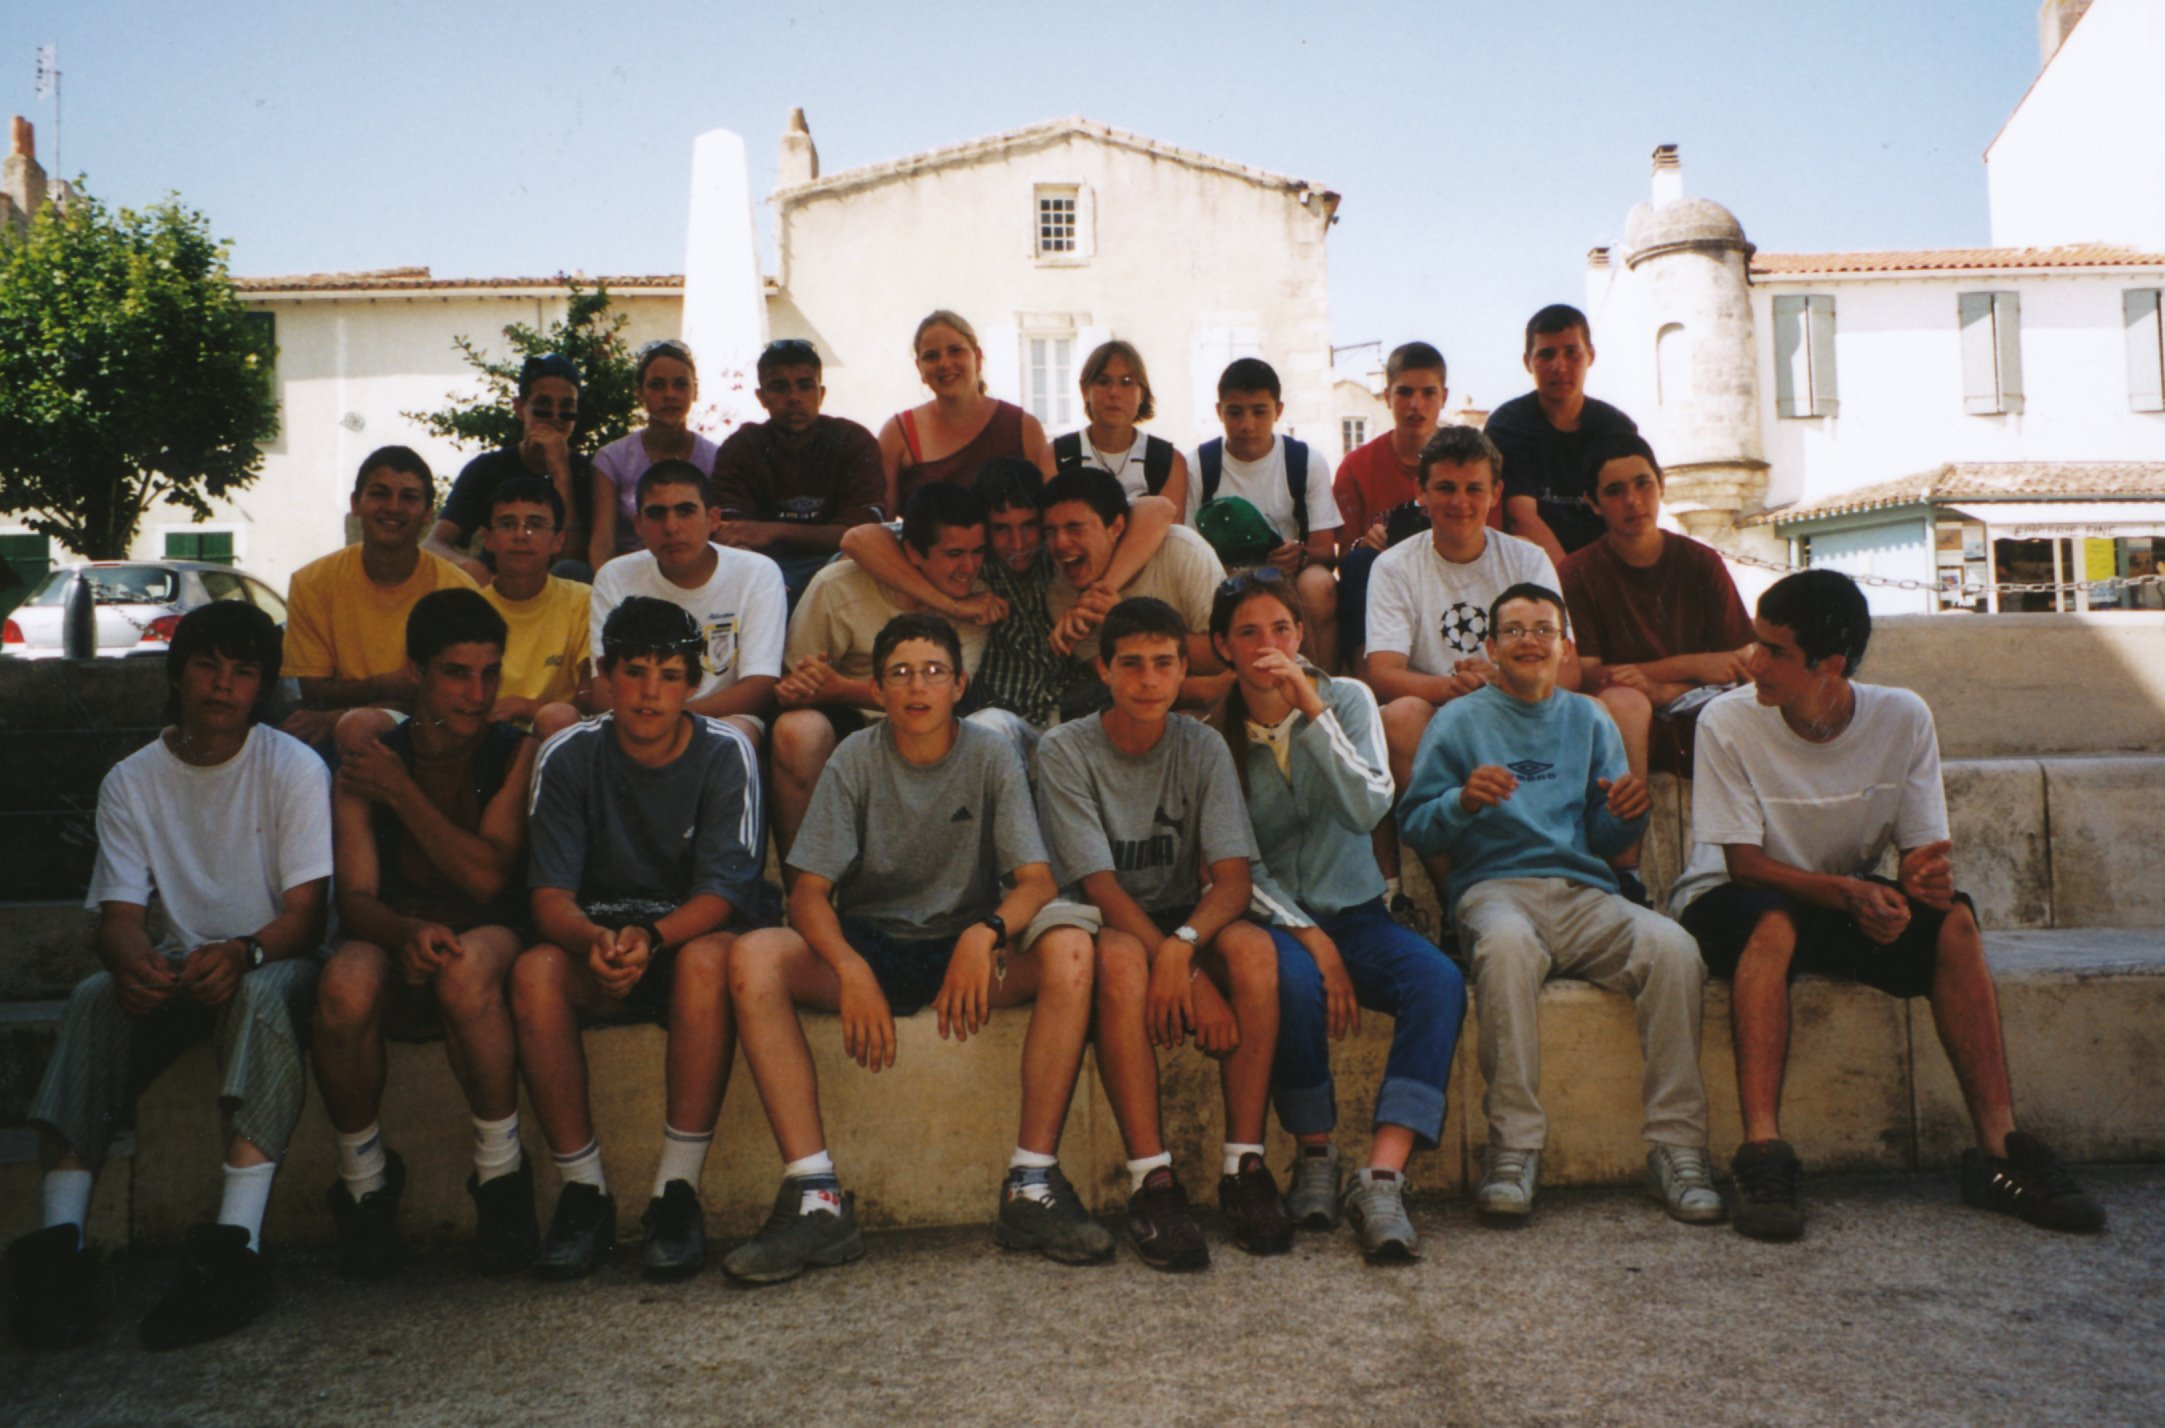 Archives anciens élèves mfr puy-sec 2002 (6)